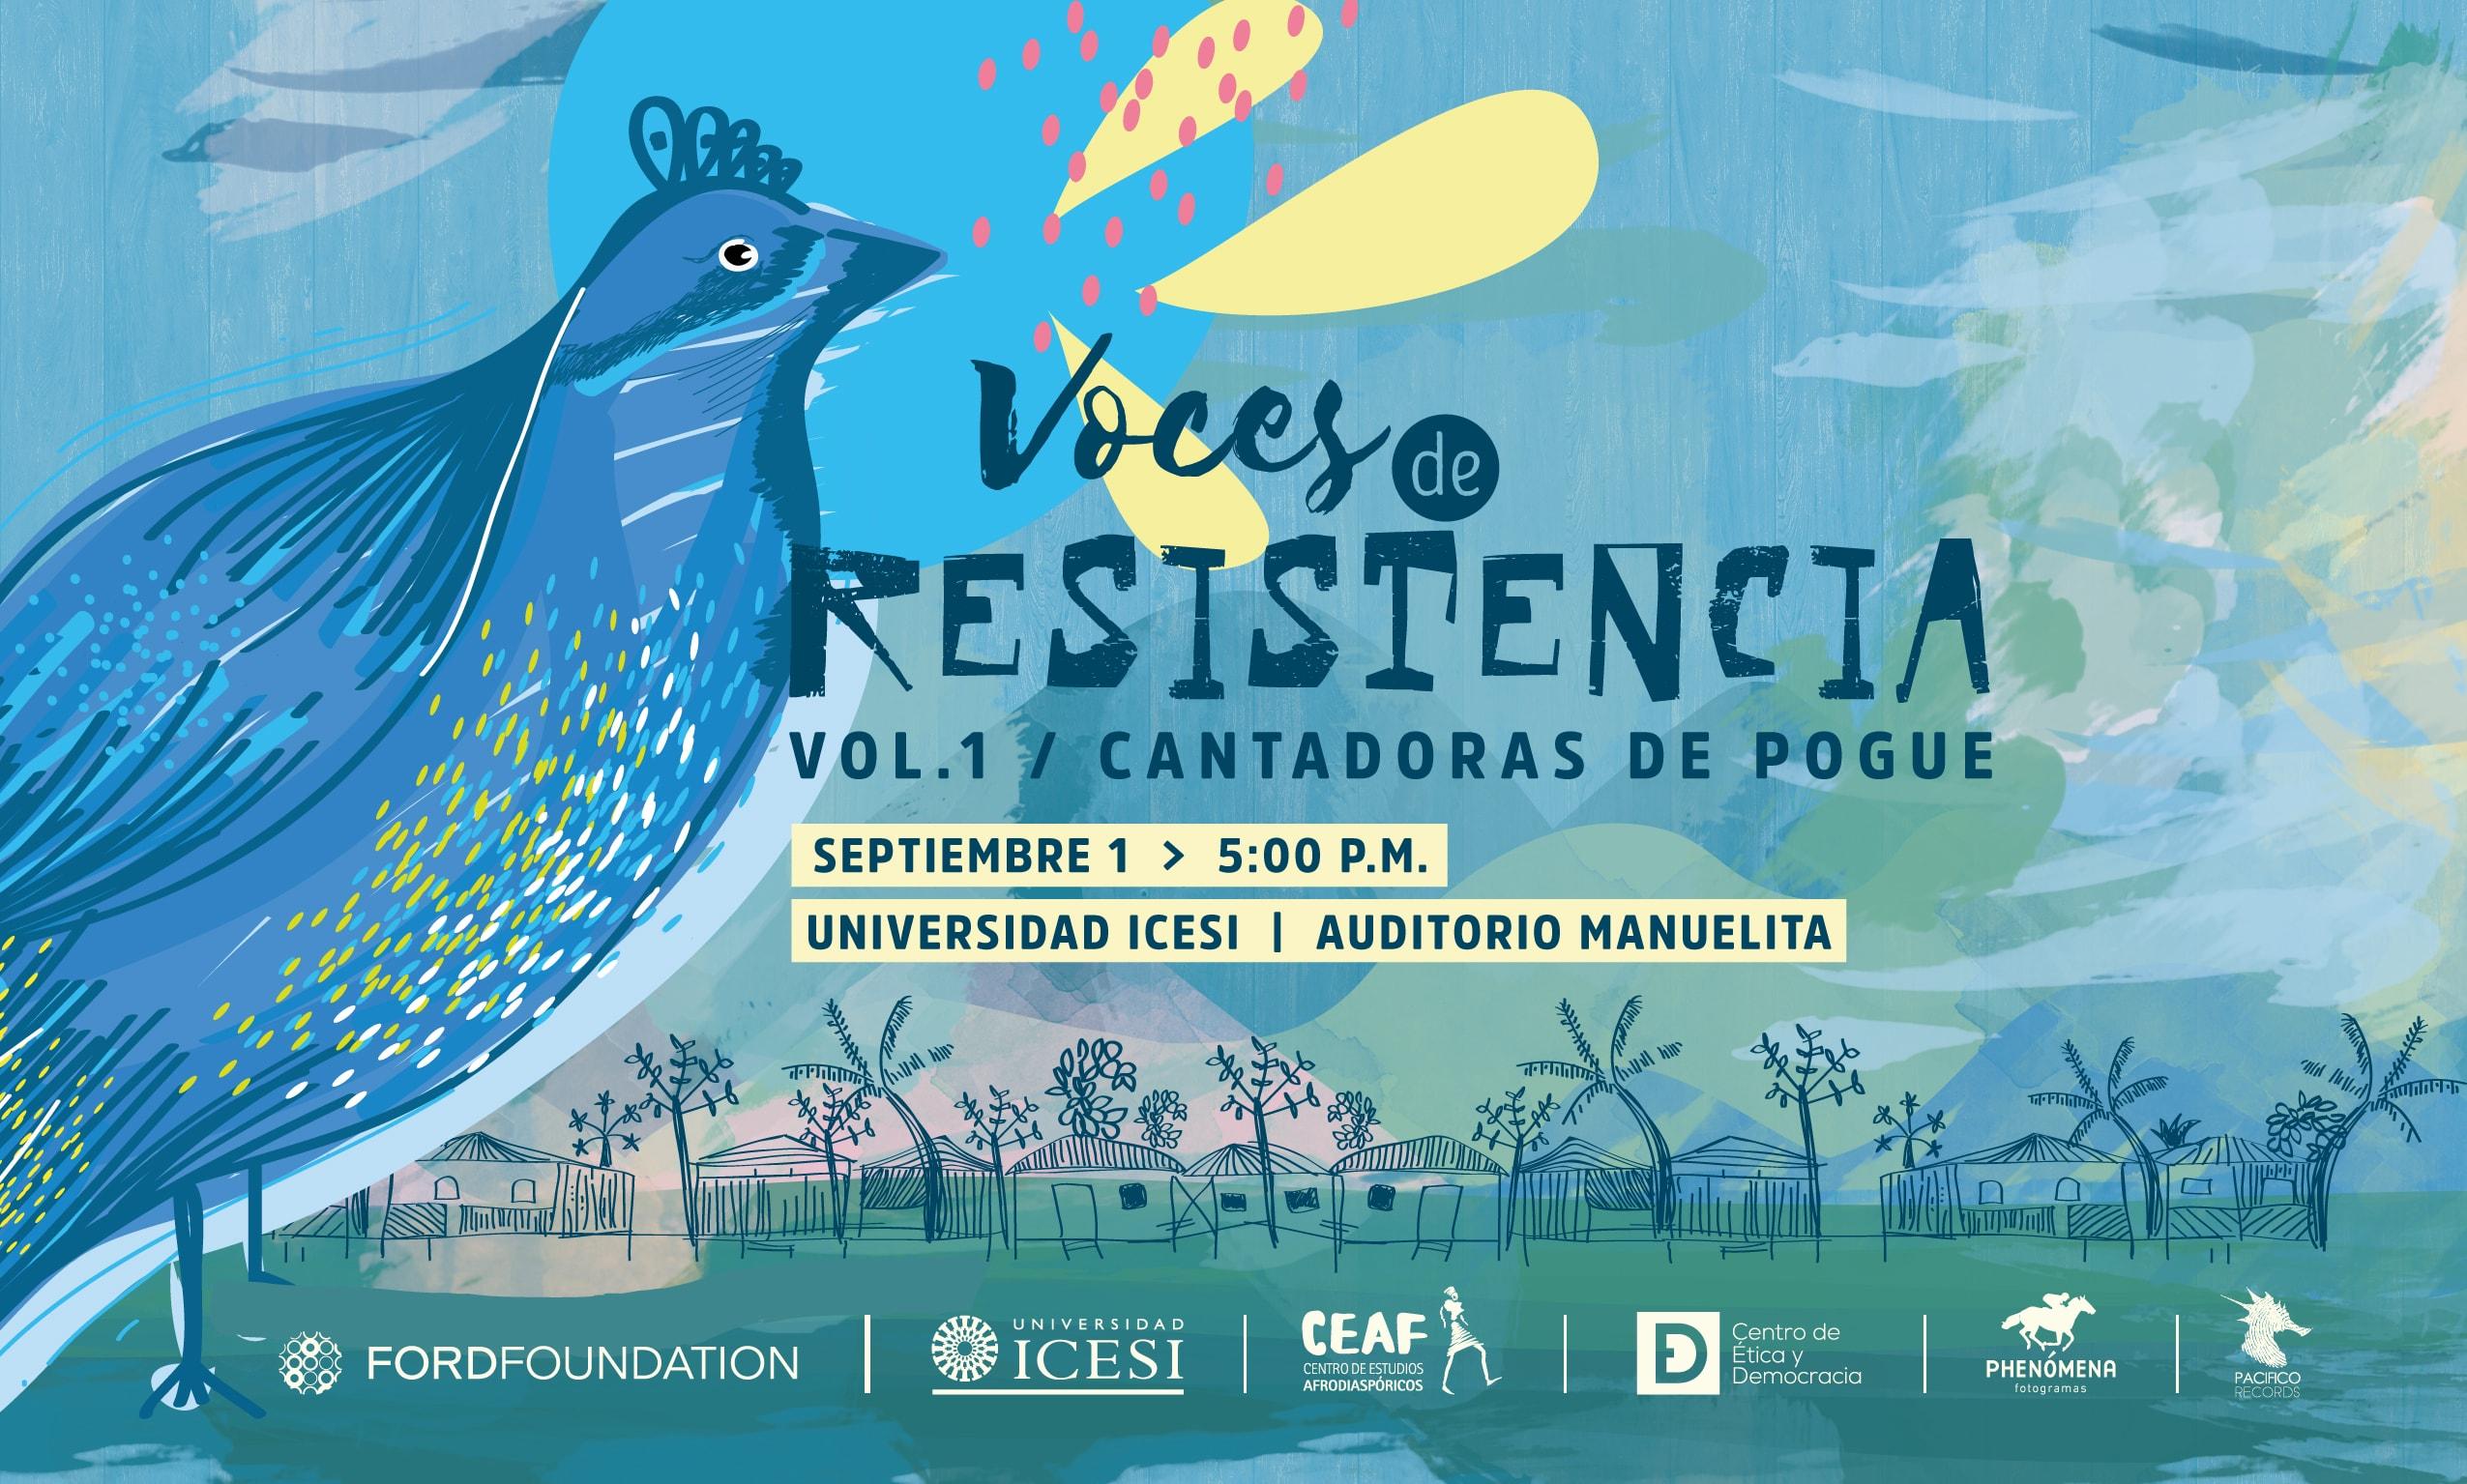 Voces de Resistencia